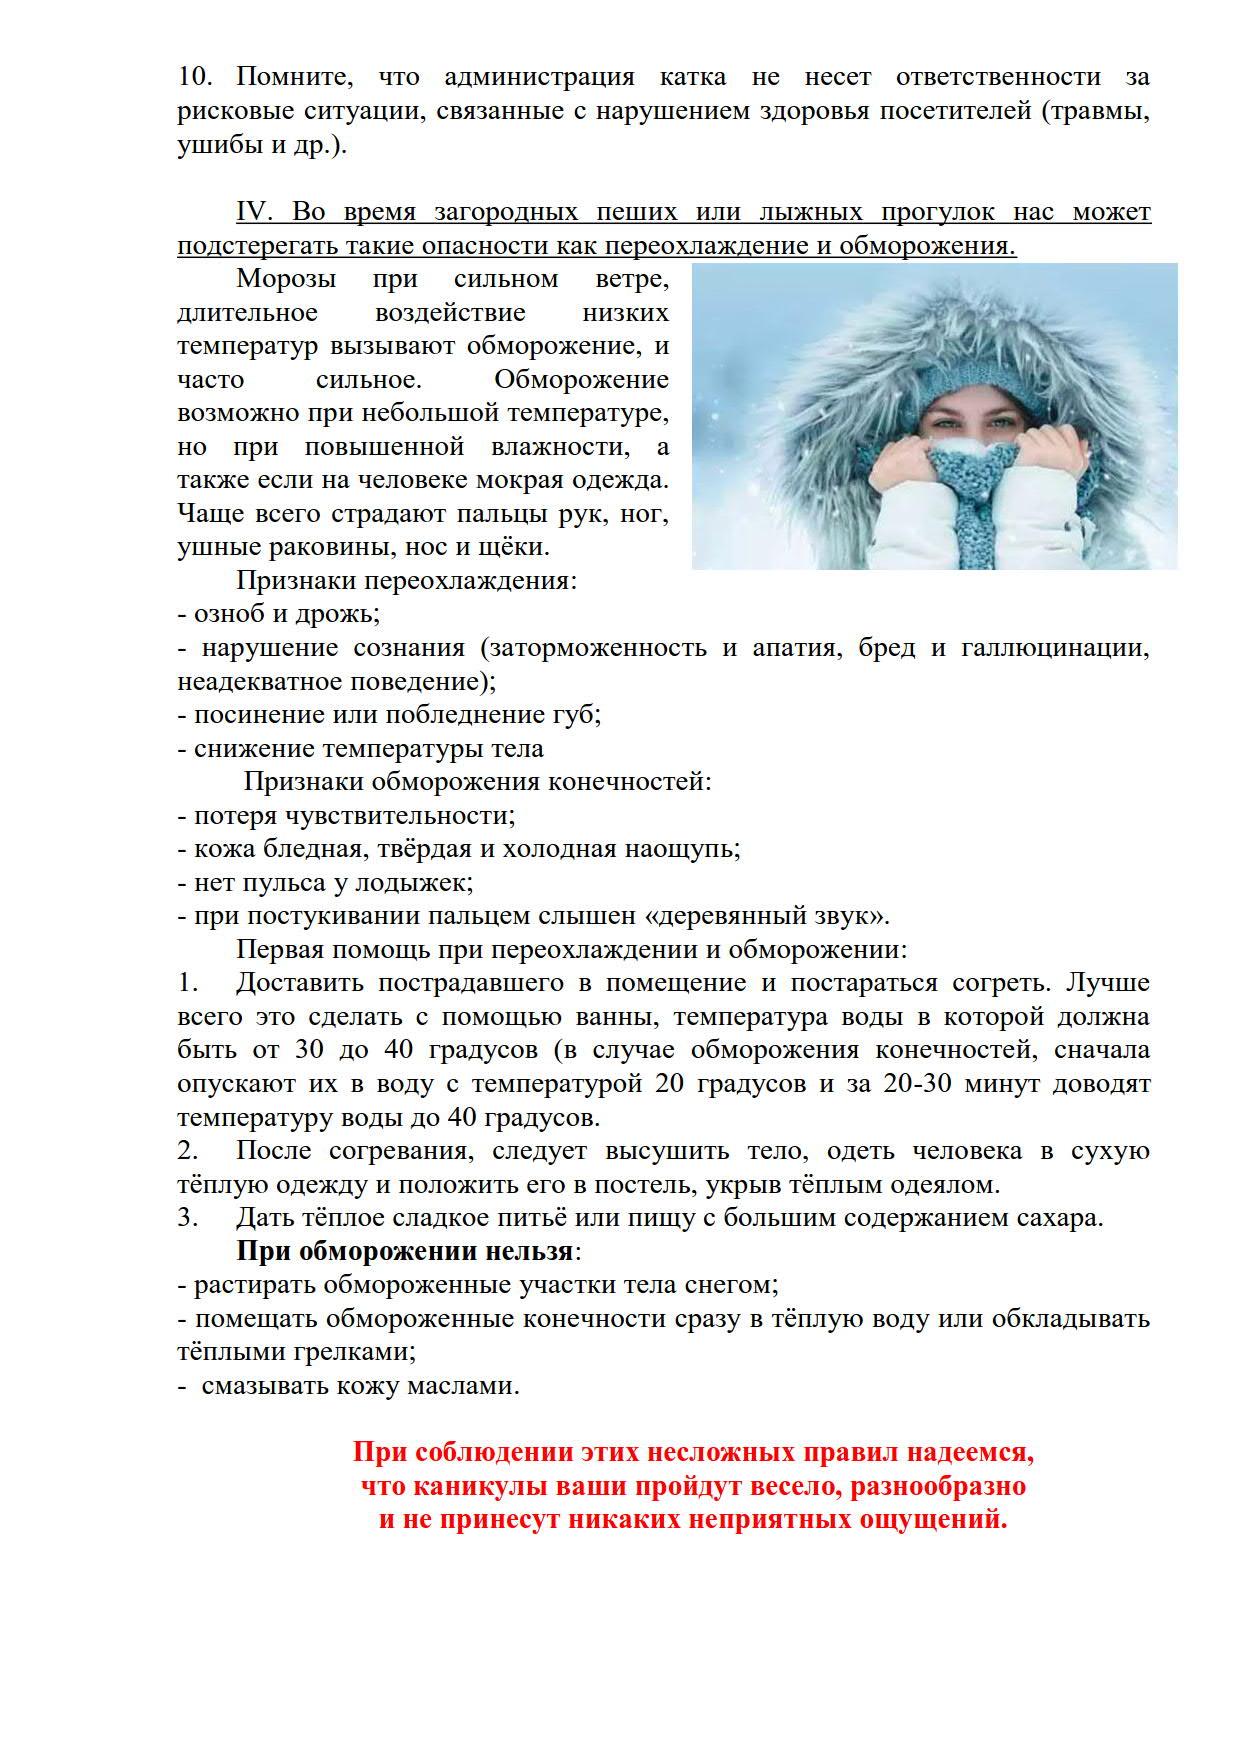 Правила безопасности в период Нового года и Рождества_4